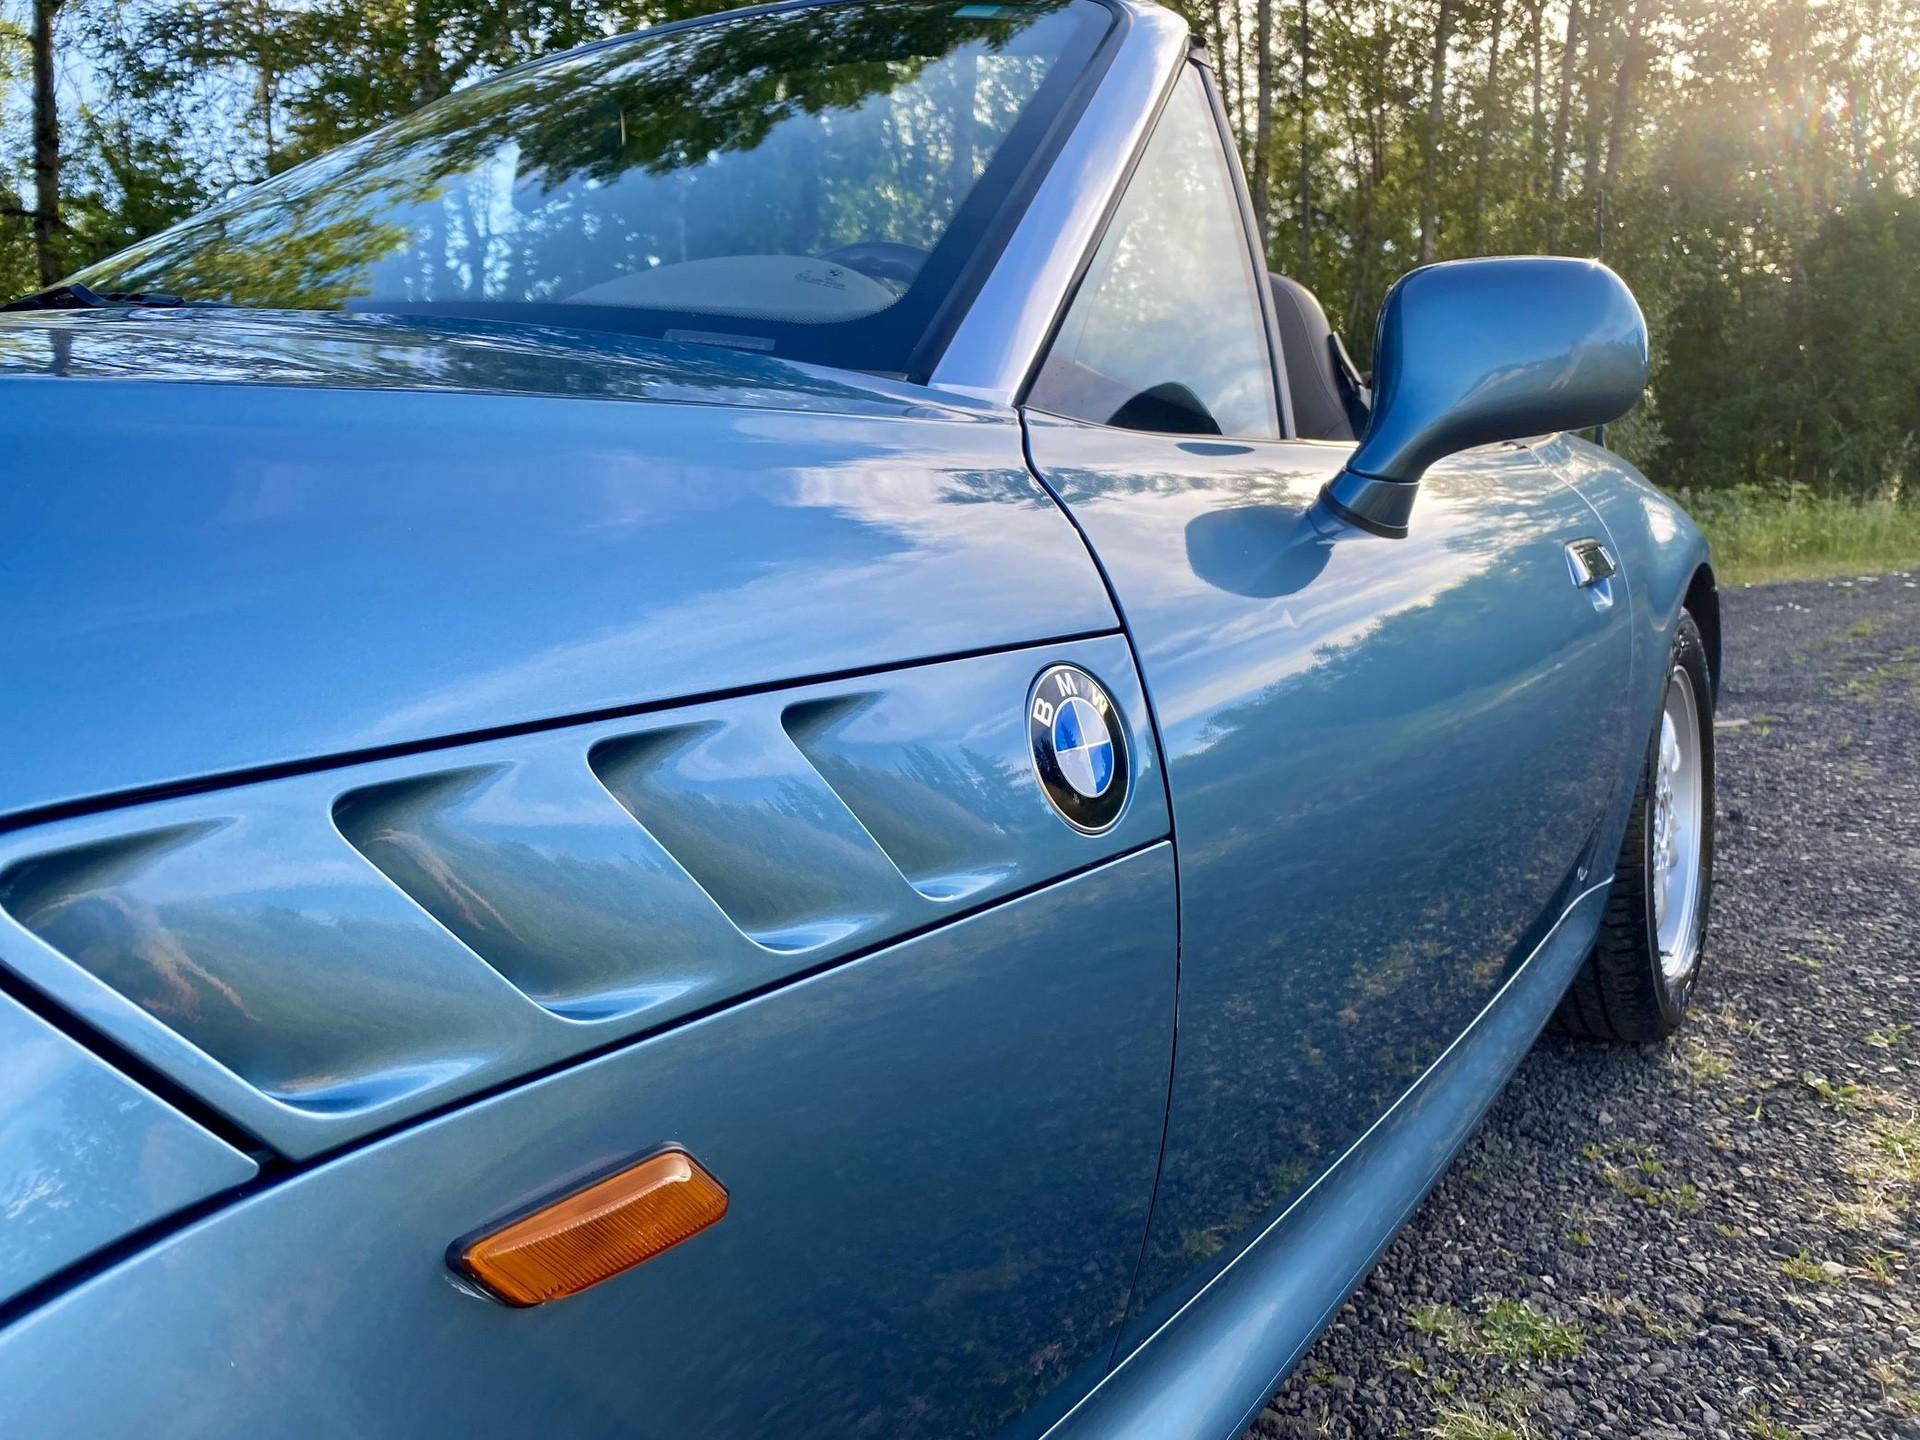 1996_BMW_Z3_James_Bond_Edition_sale-0007